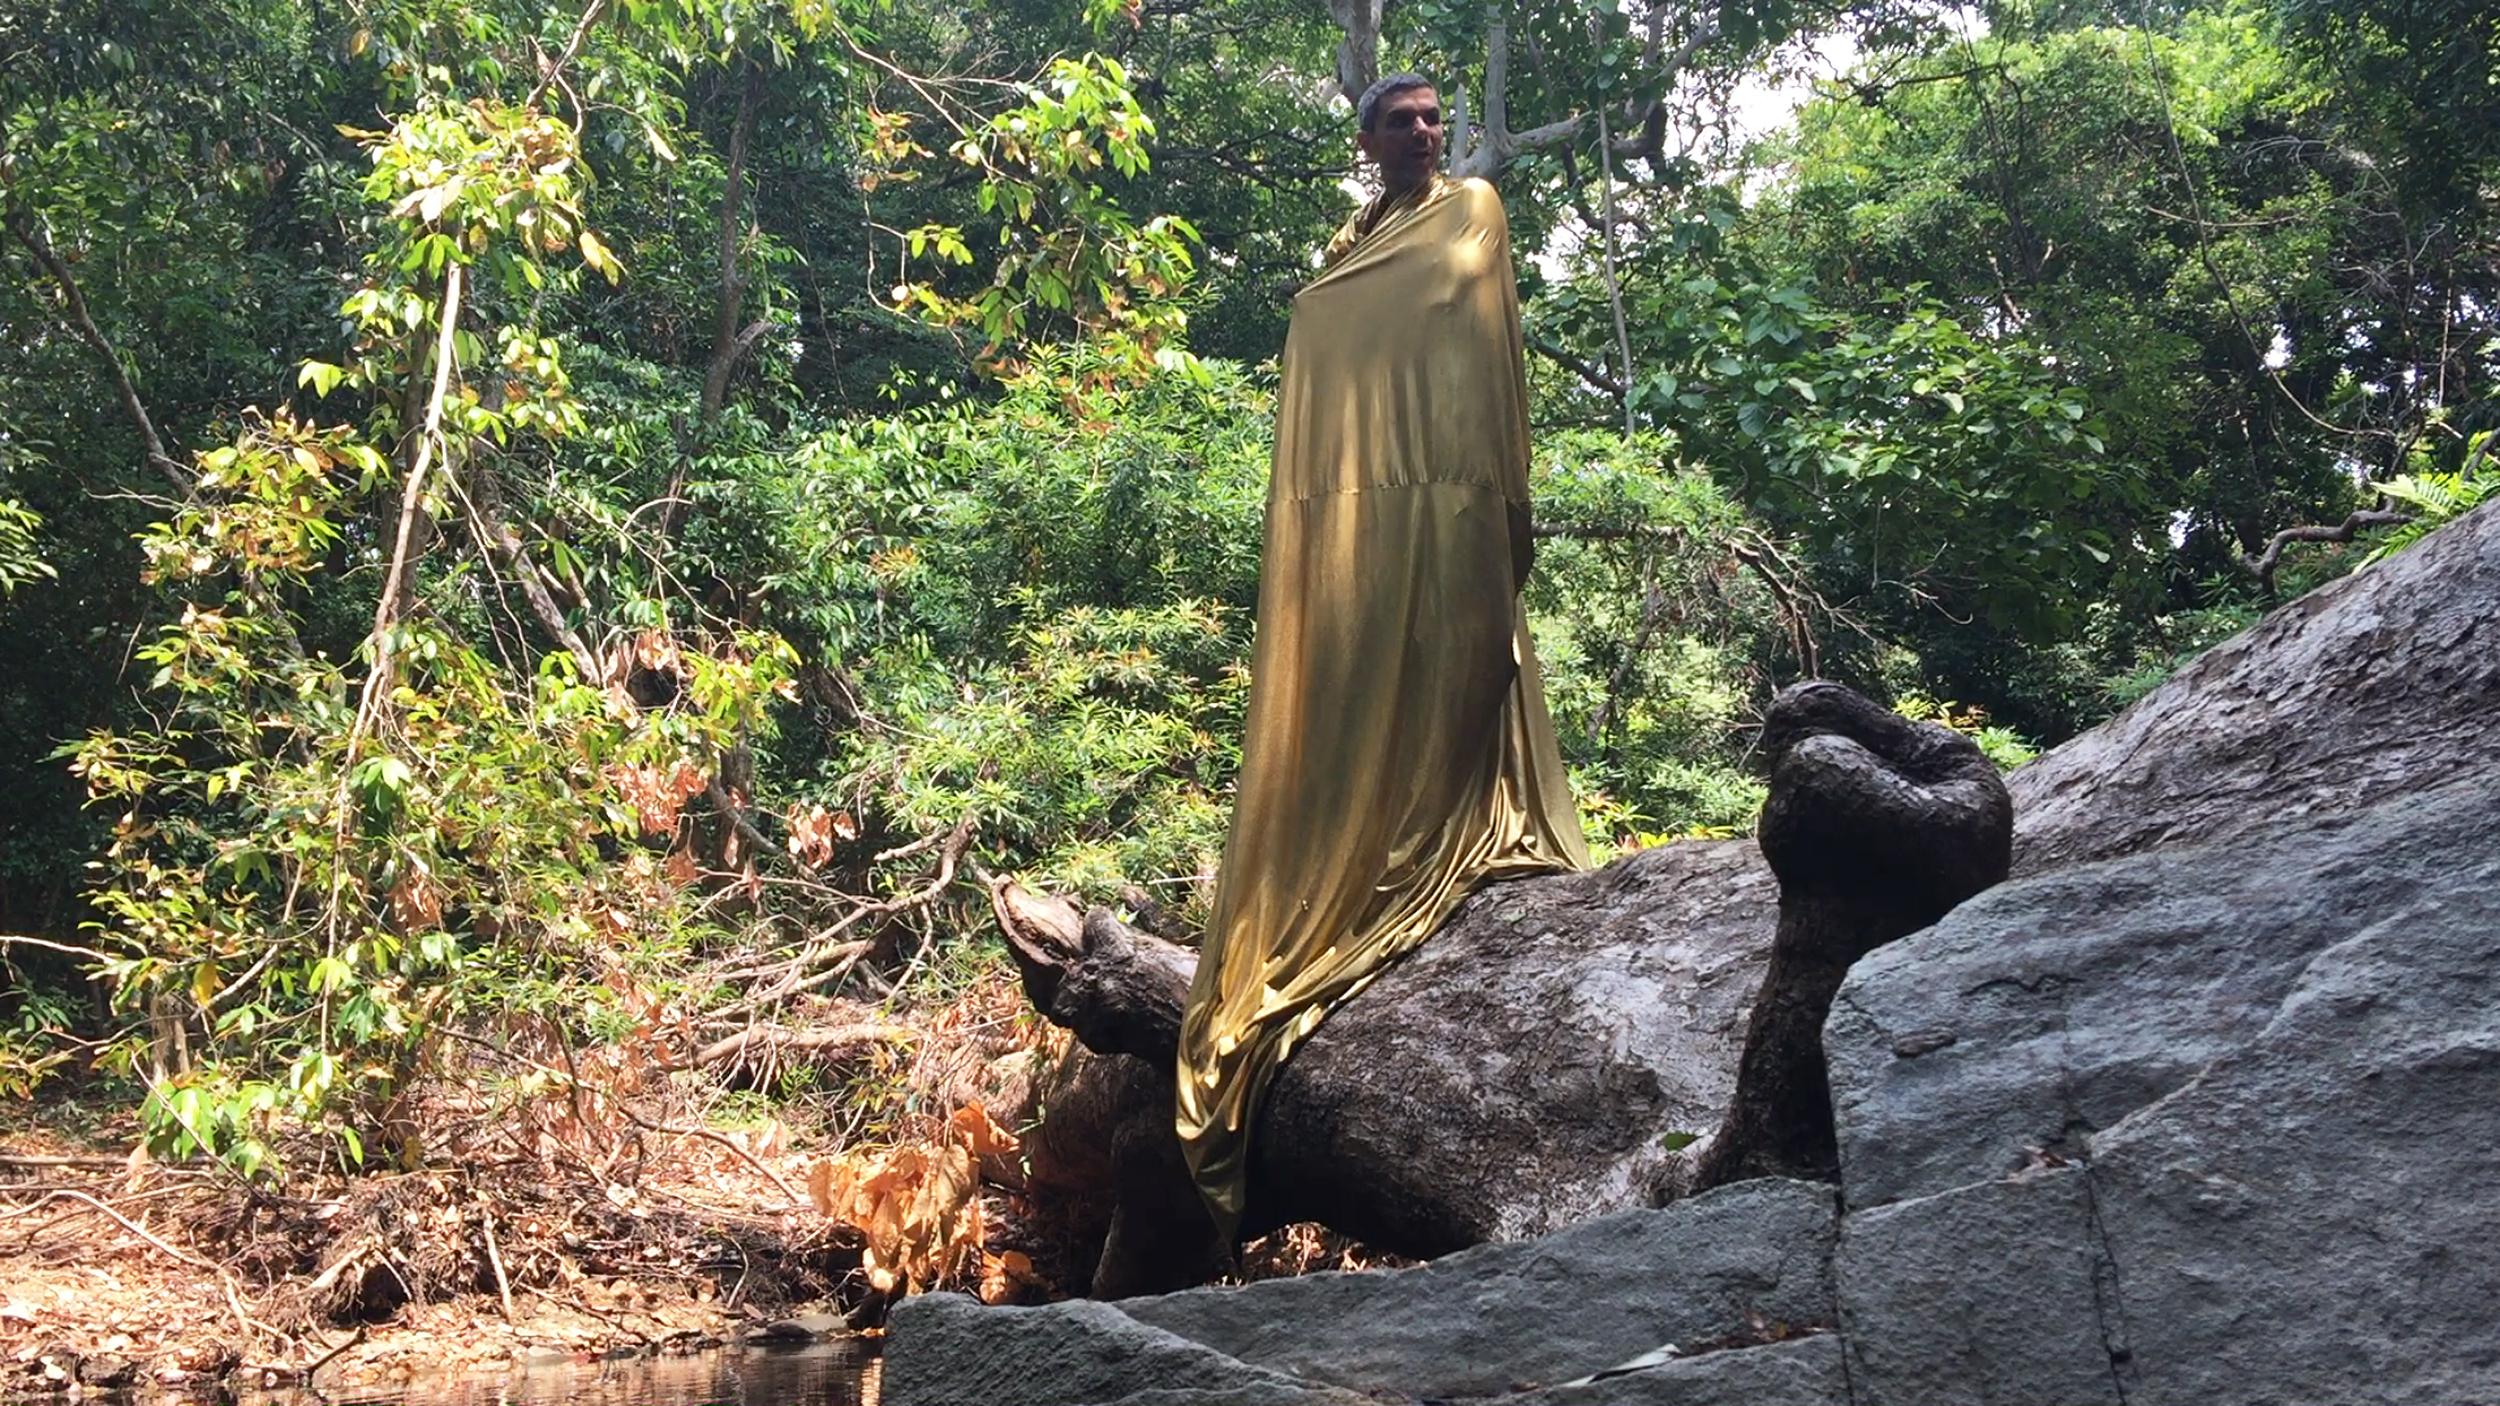 Άγγελος Πλέσσας Περφόρμανς, ανάγνωση του 5ου Μανιφέστου στο πλαίσιο του Eternal Internet Brother/Sisterhood, Σρι Λάνκα, 2016